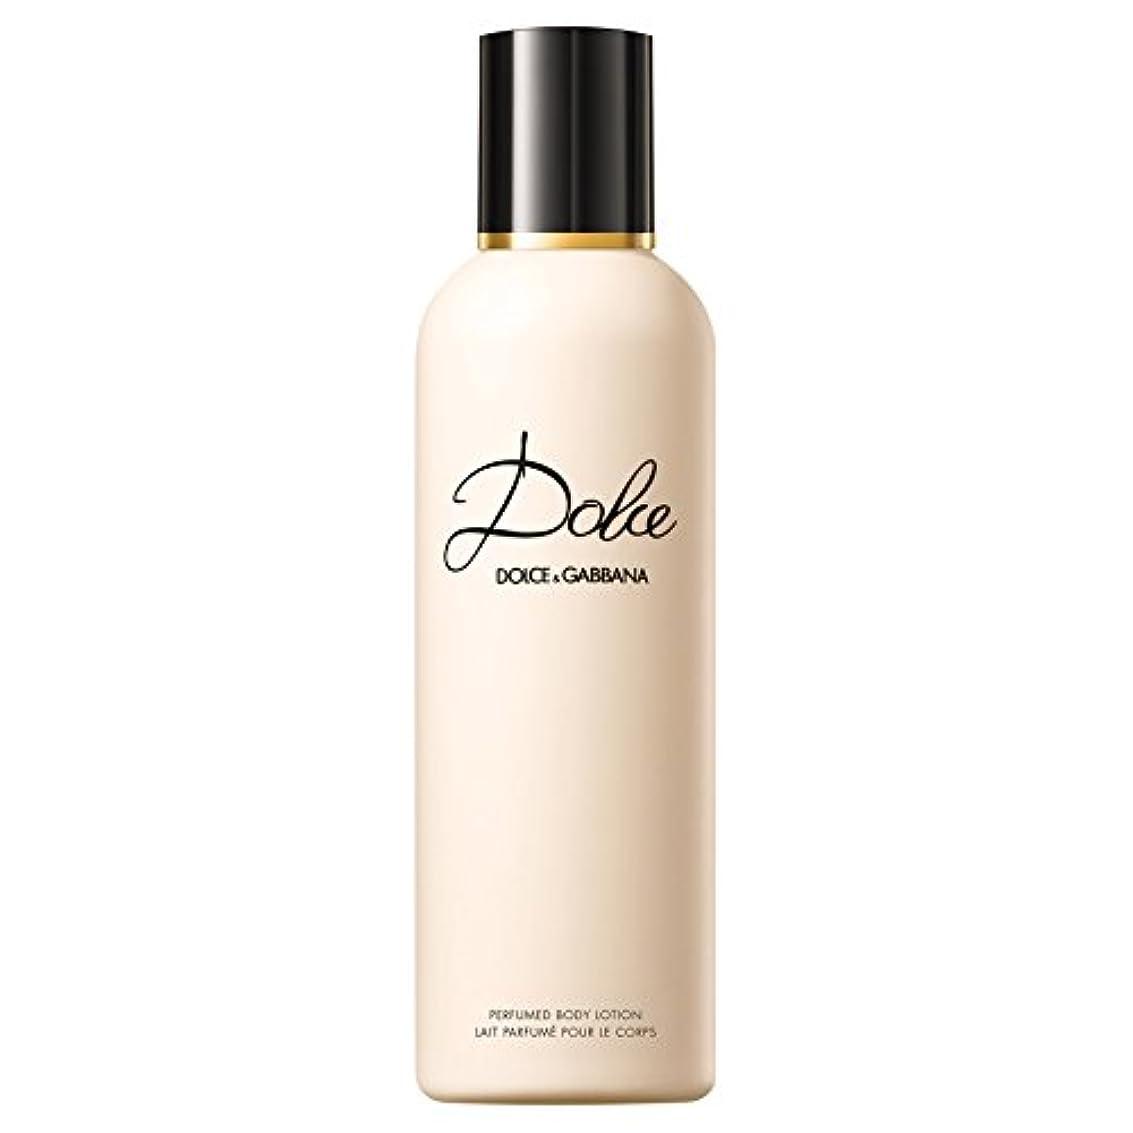 突き出す減る船尾ドルチェ&ガッバーナドルチェのボディローション200ミリリットル (Dolce & Gabbana) (x2) - Dolce & Gabbana Dolce Body Lotion 200ml (Pack of 2)...